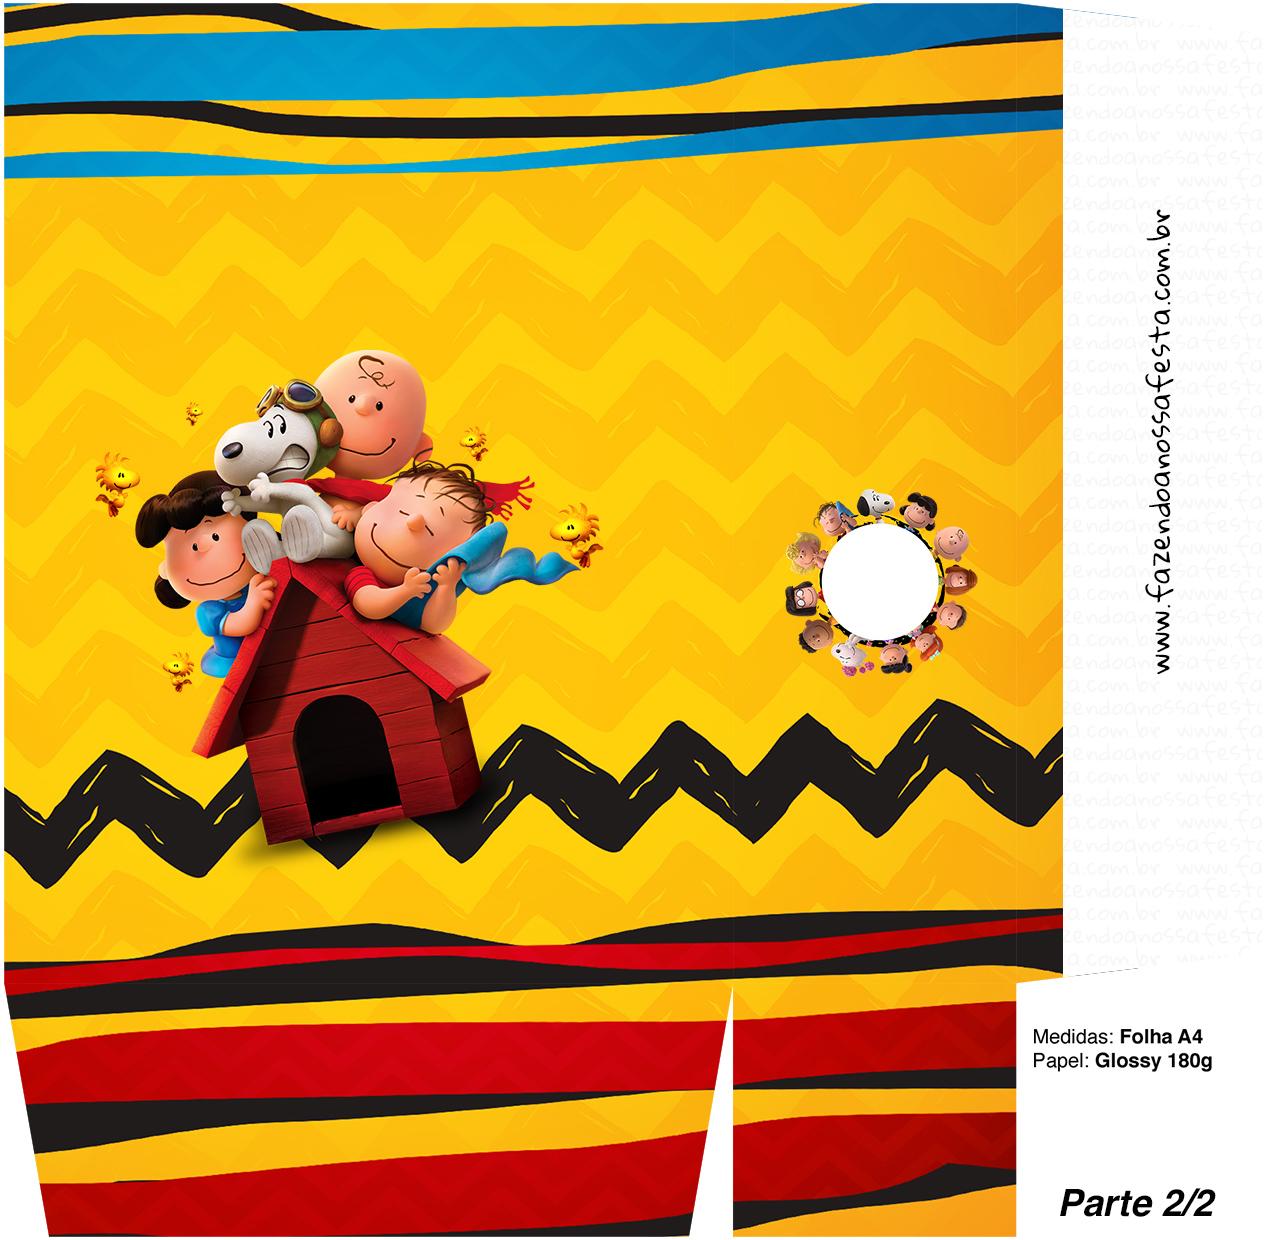 Sacolinha Kit Festa Snoopy e sua Turma - parte 2